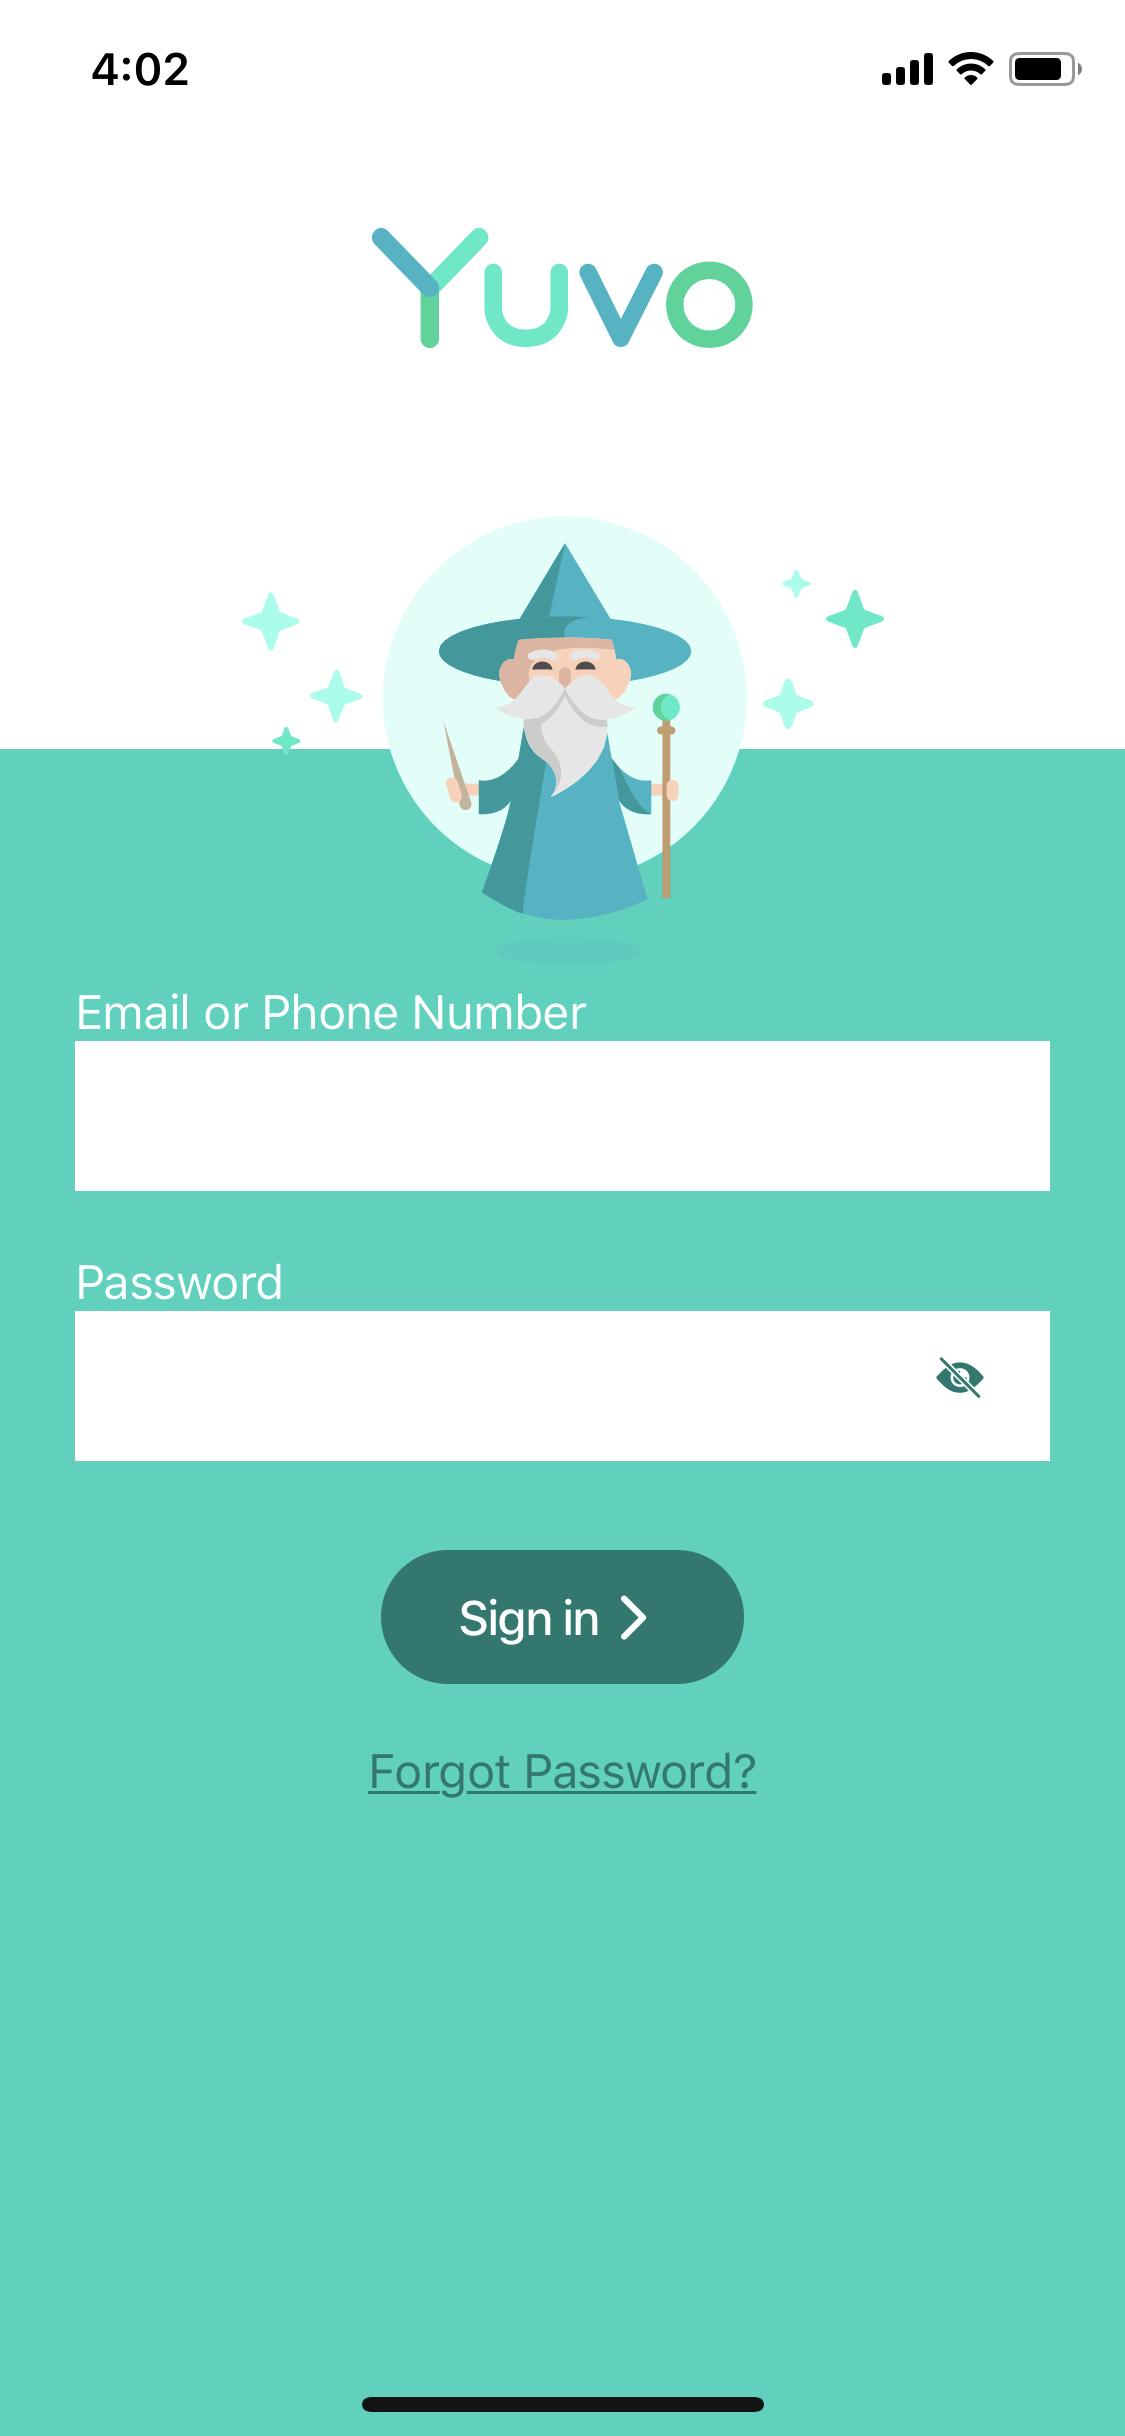 Yuvo mobile login